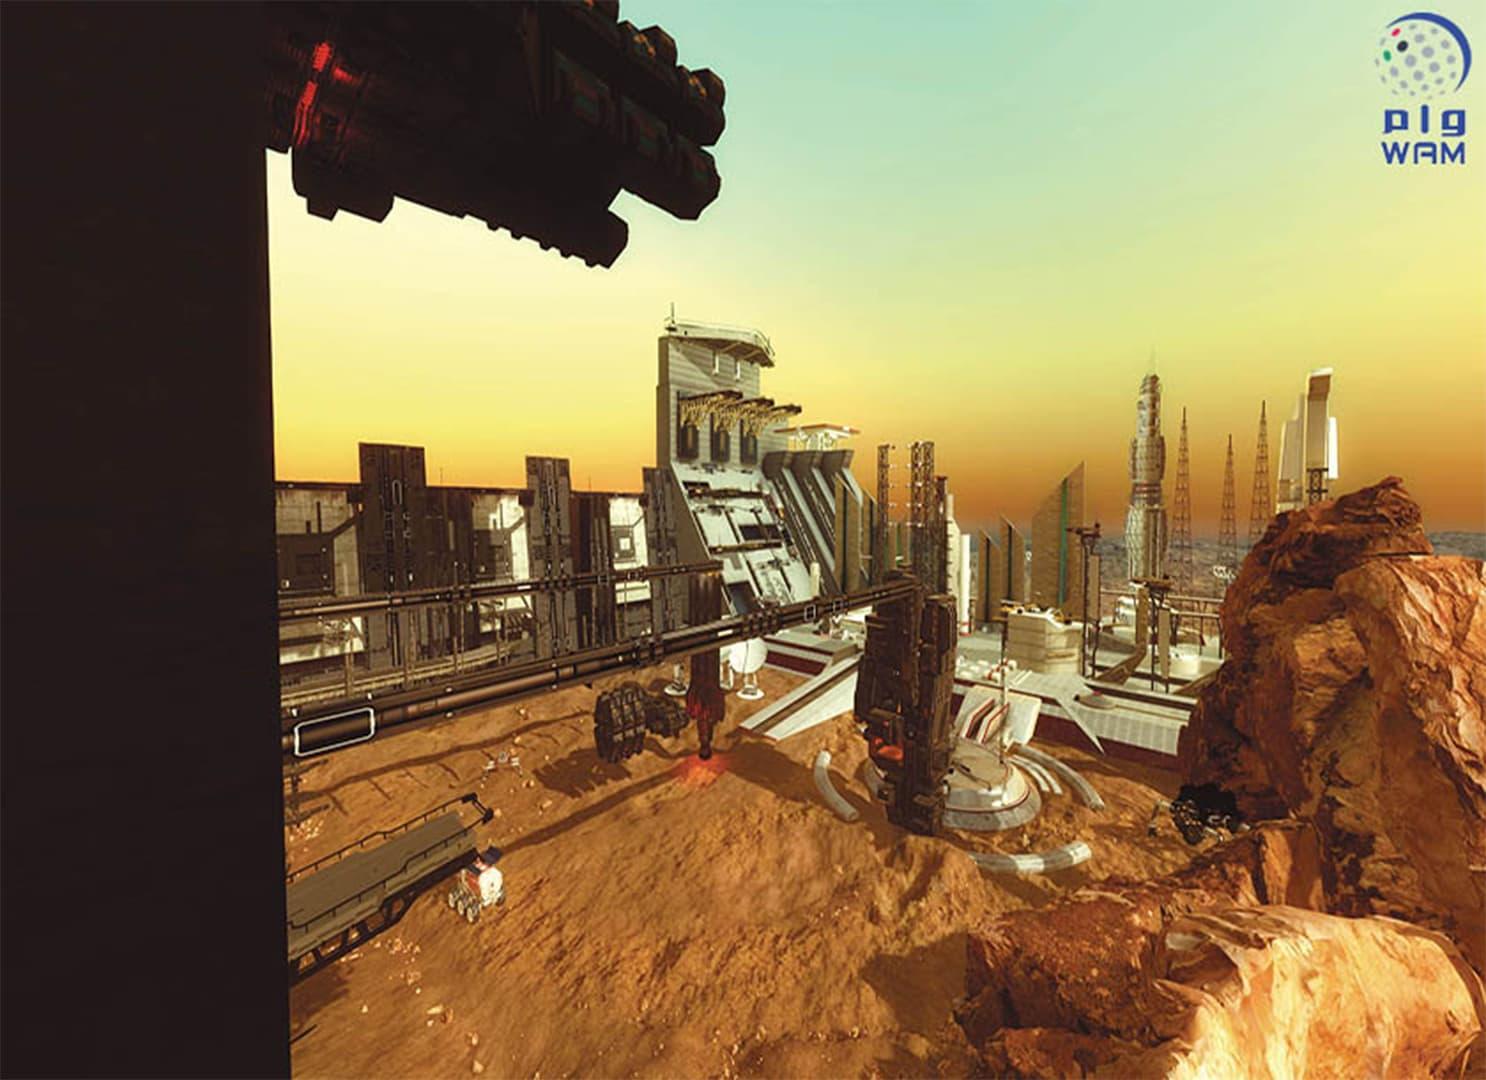 بمشروع يدرس تأثير بيئة الفضاء المنعزلة..الإمارات تستكمل مشوار الـ100 عام لاستيطان المريخ